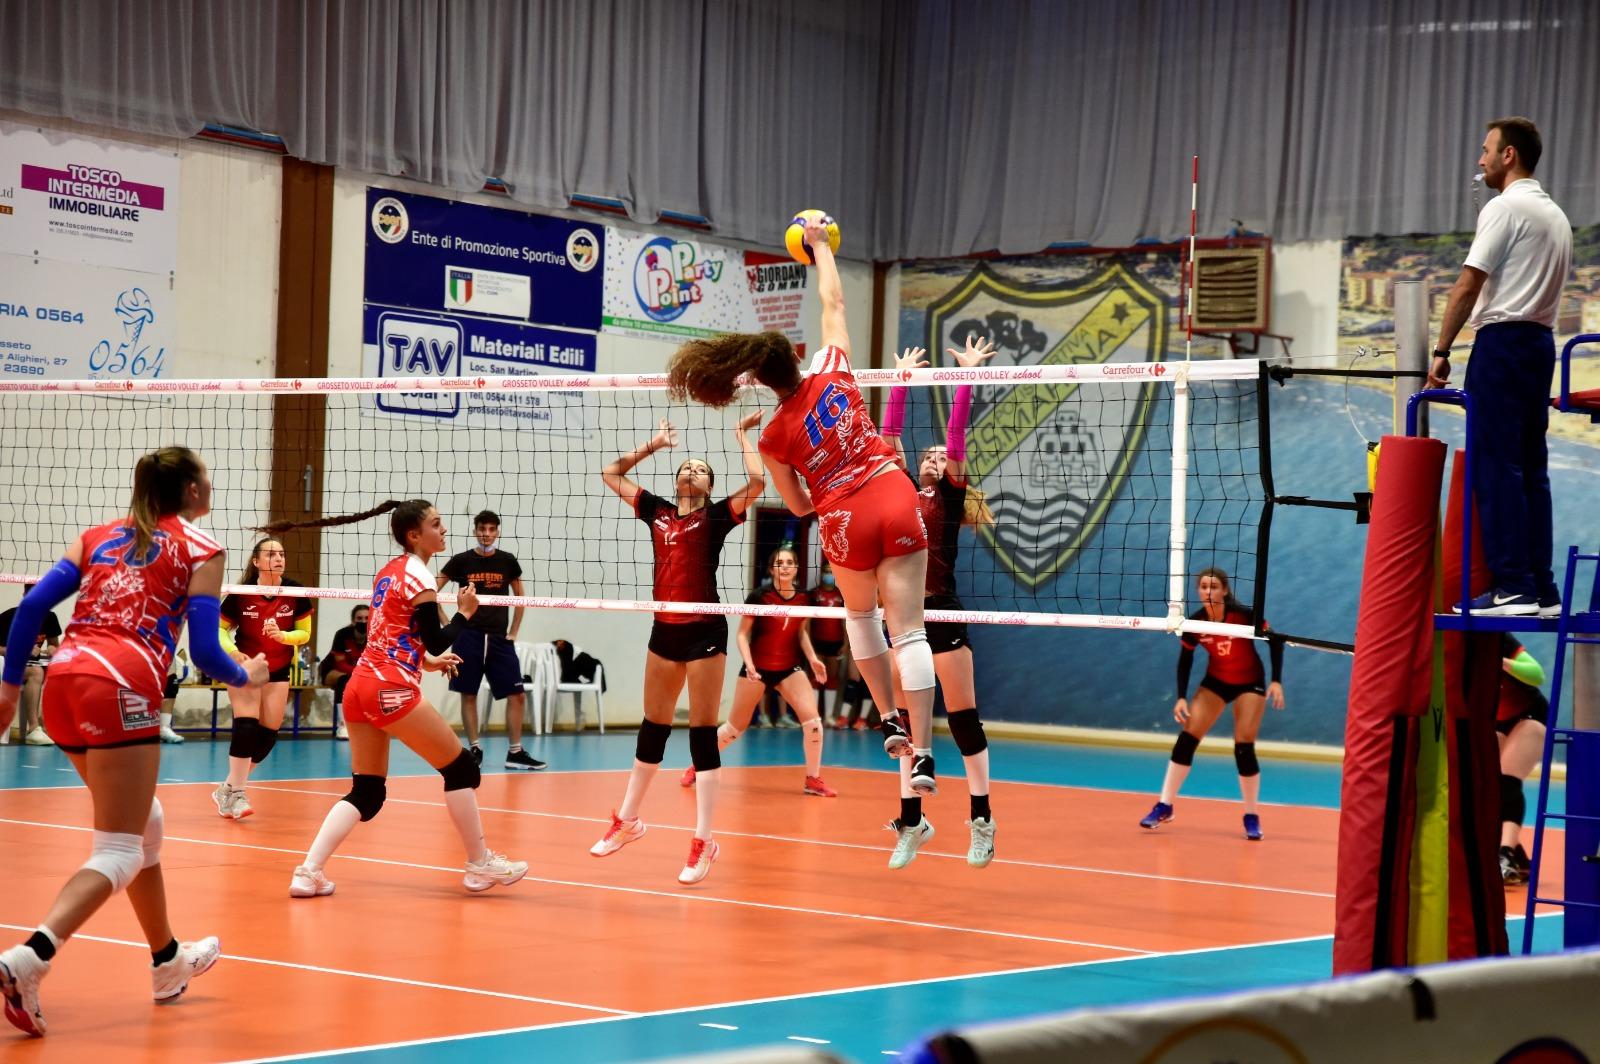 grosseto volley school squadra under 19 azione di gioco